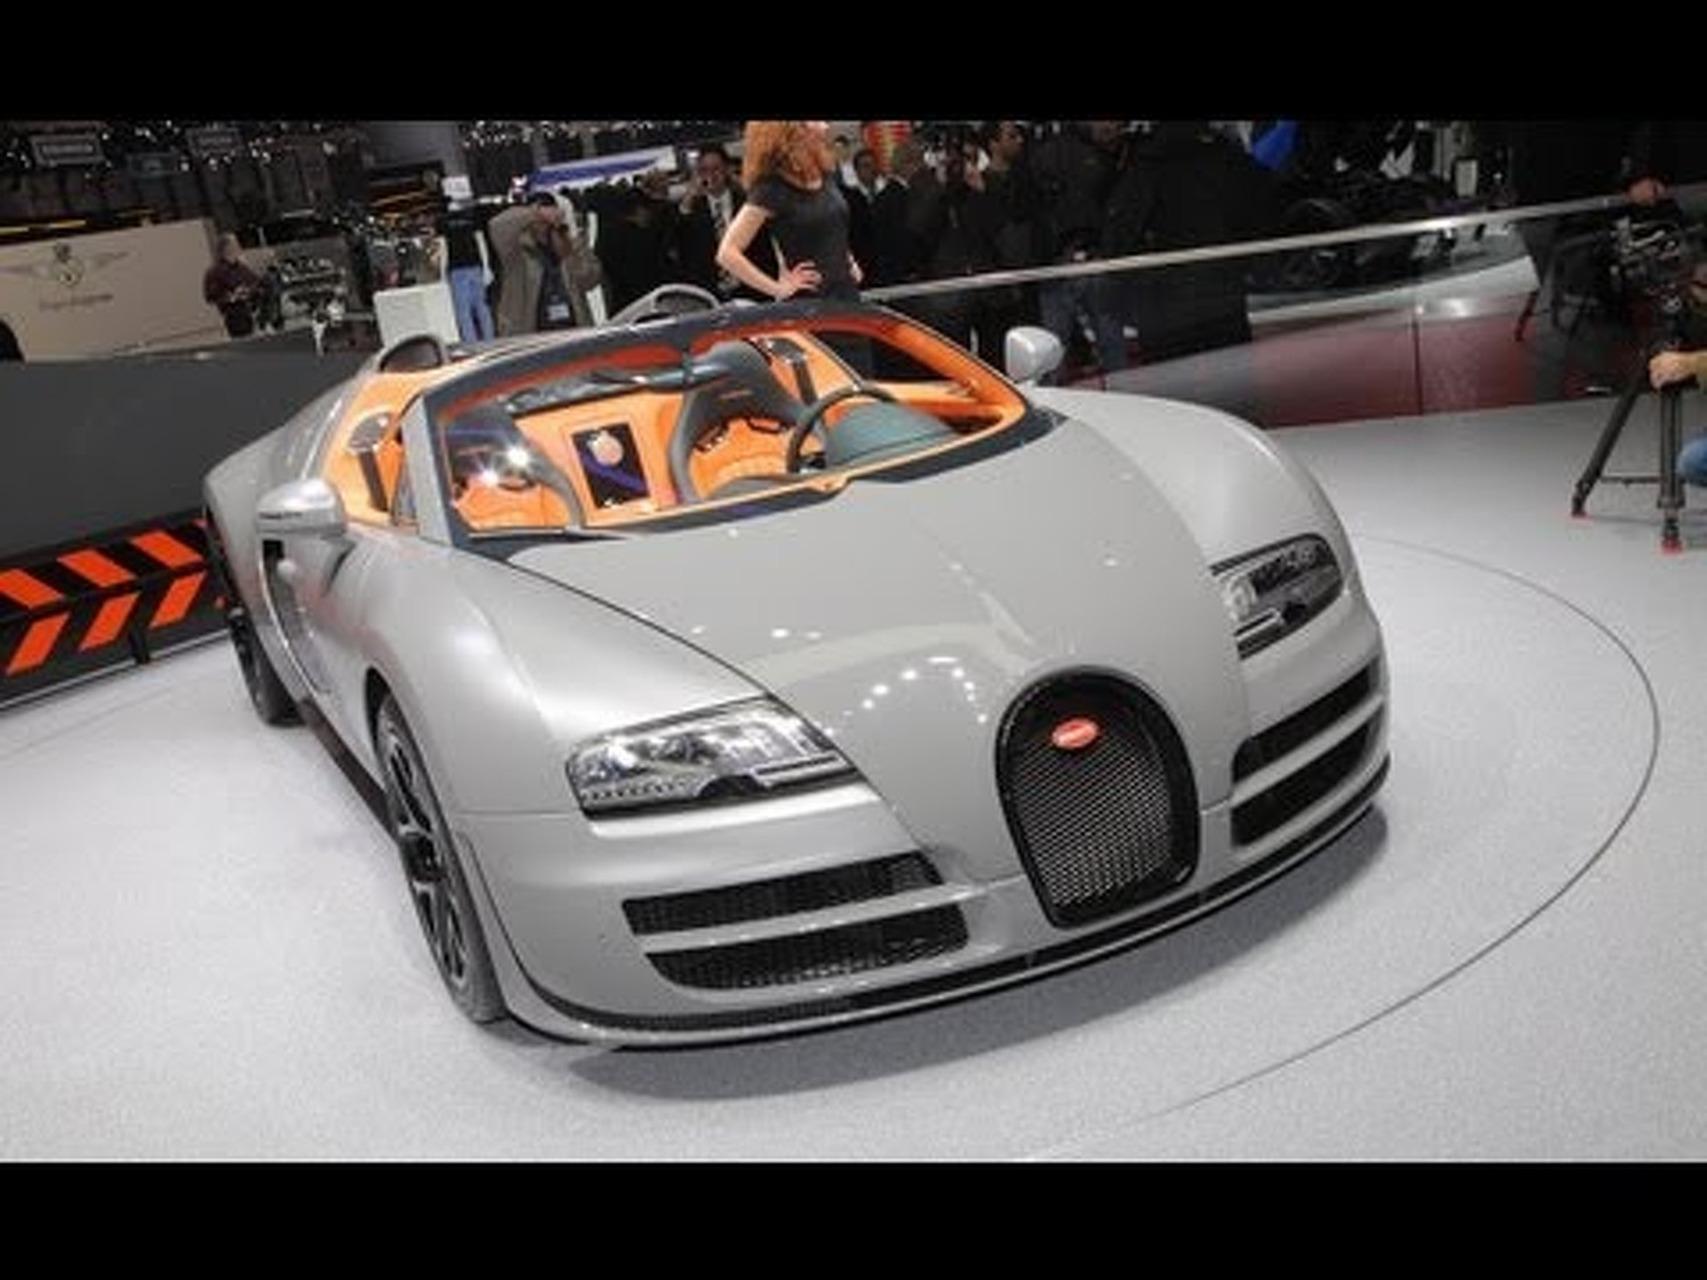 2013 Bugatti Veyron 16.4 Grand Sport Vitesse @ 2012 Geneva Auto Show